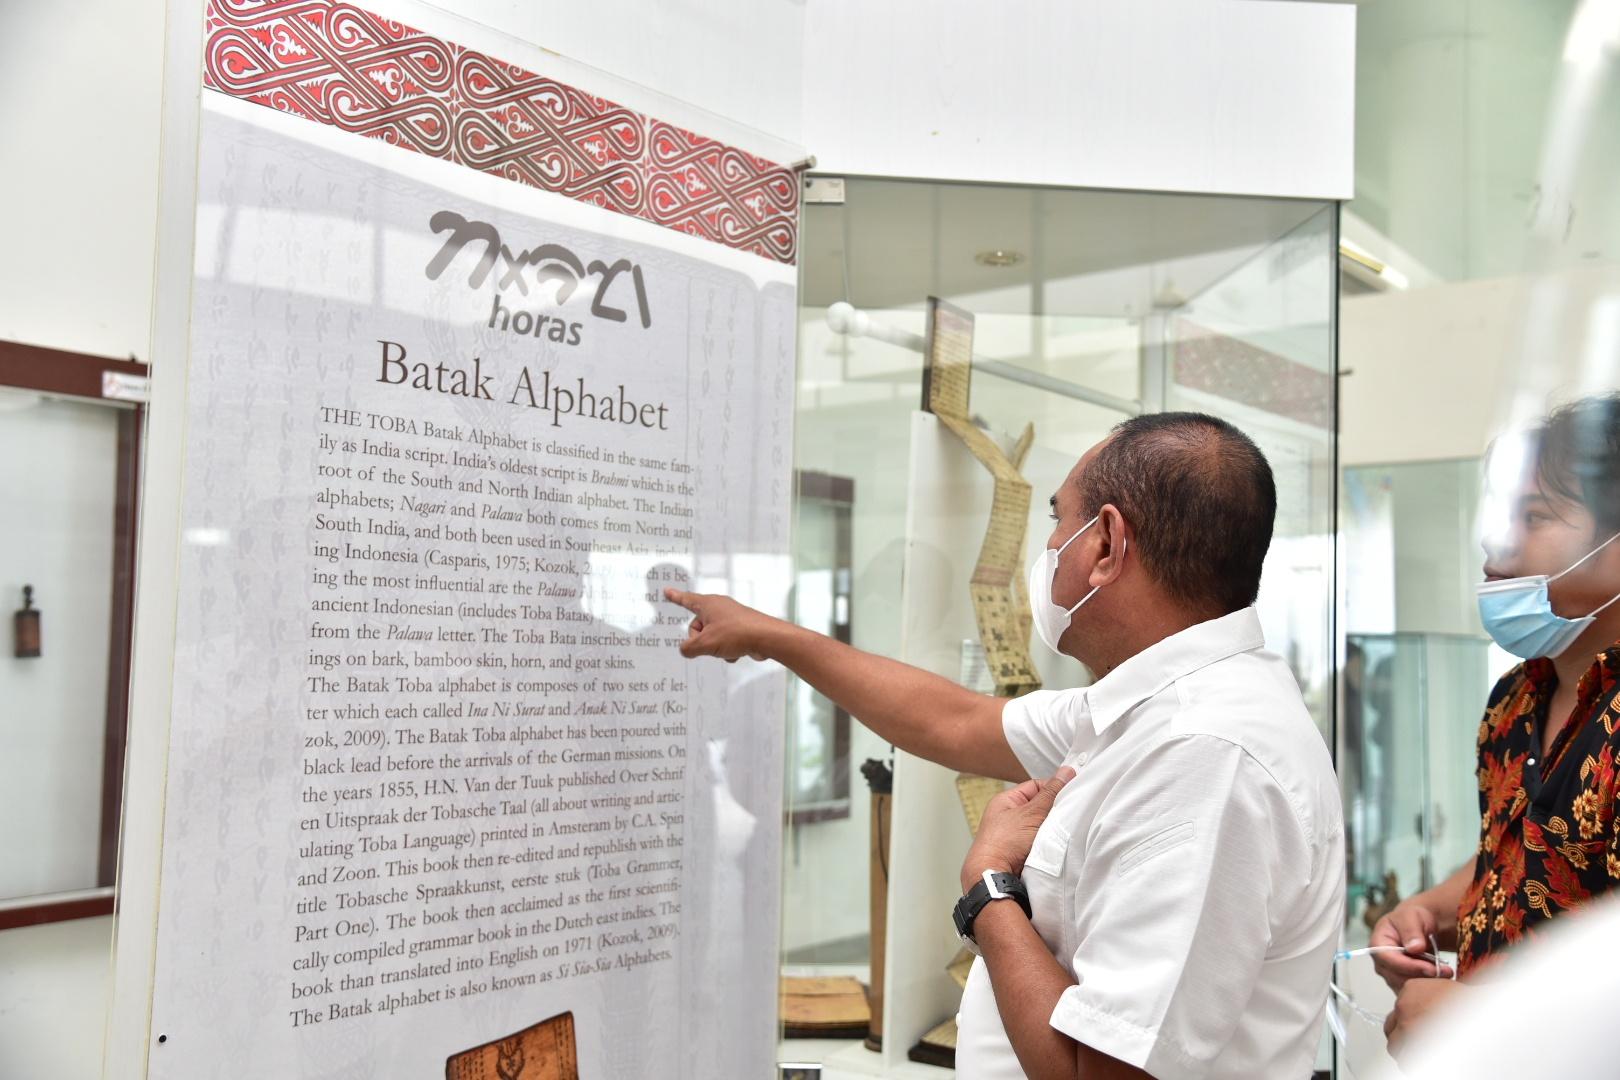 Tinjau Museum TB Silalahi, Gubernur Sumut Sebut Standar Pariwisata Terdapat Bukti dan Cerita